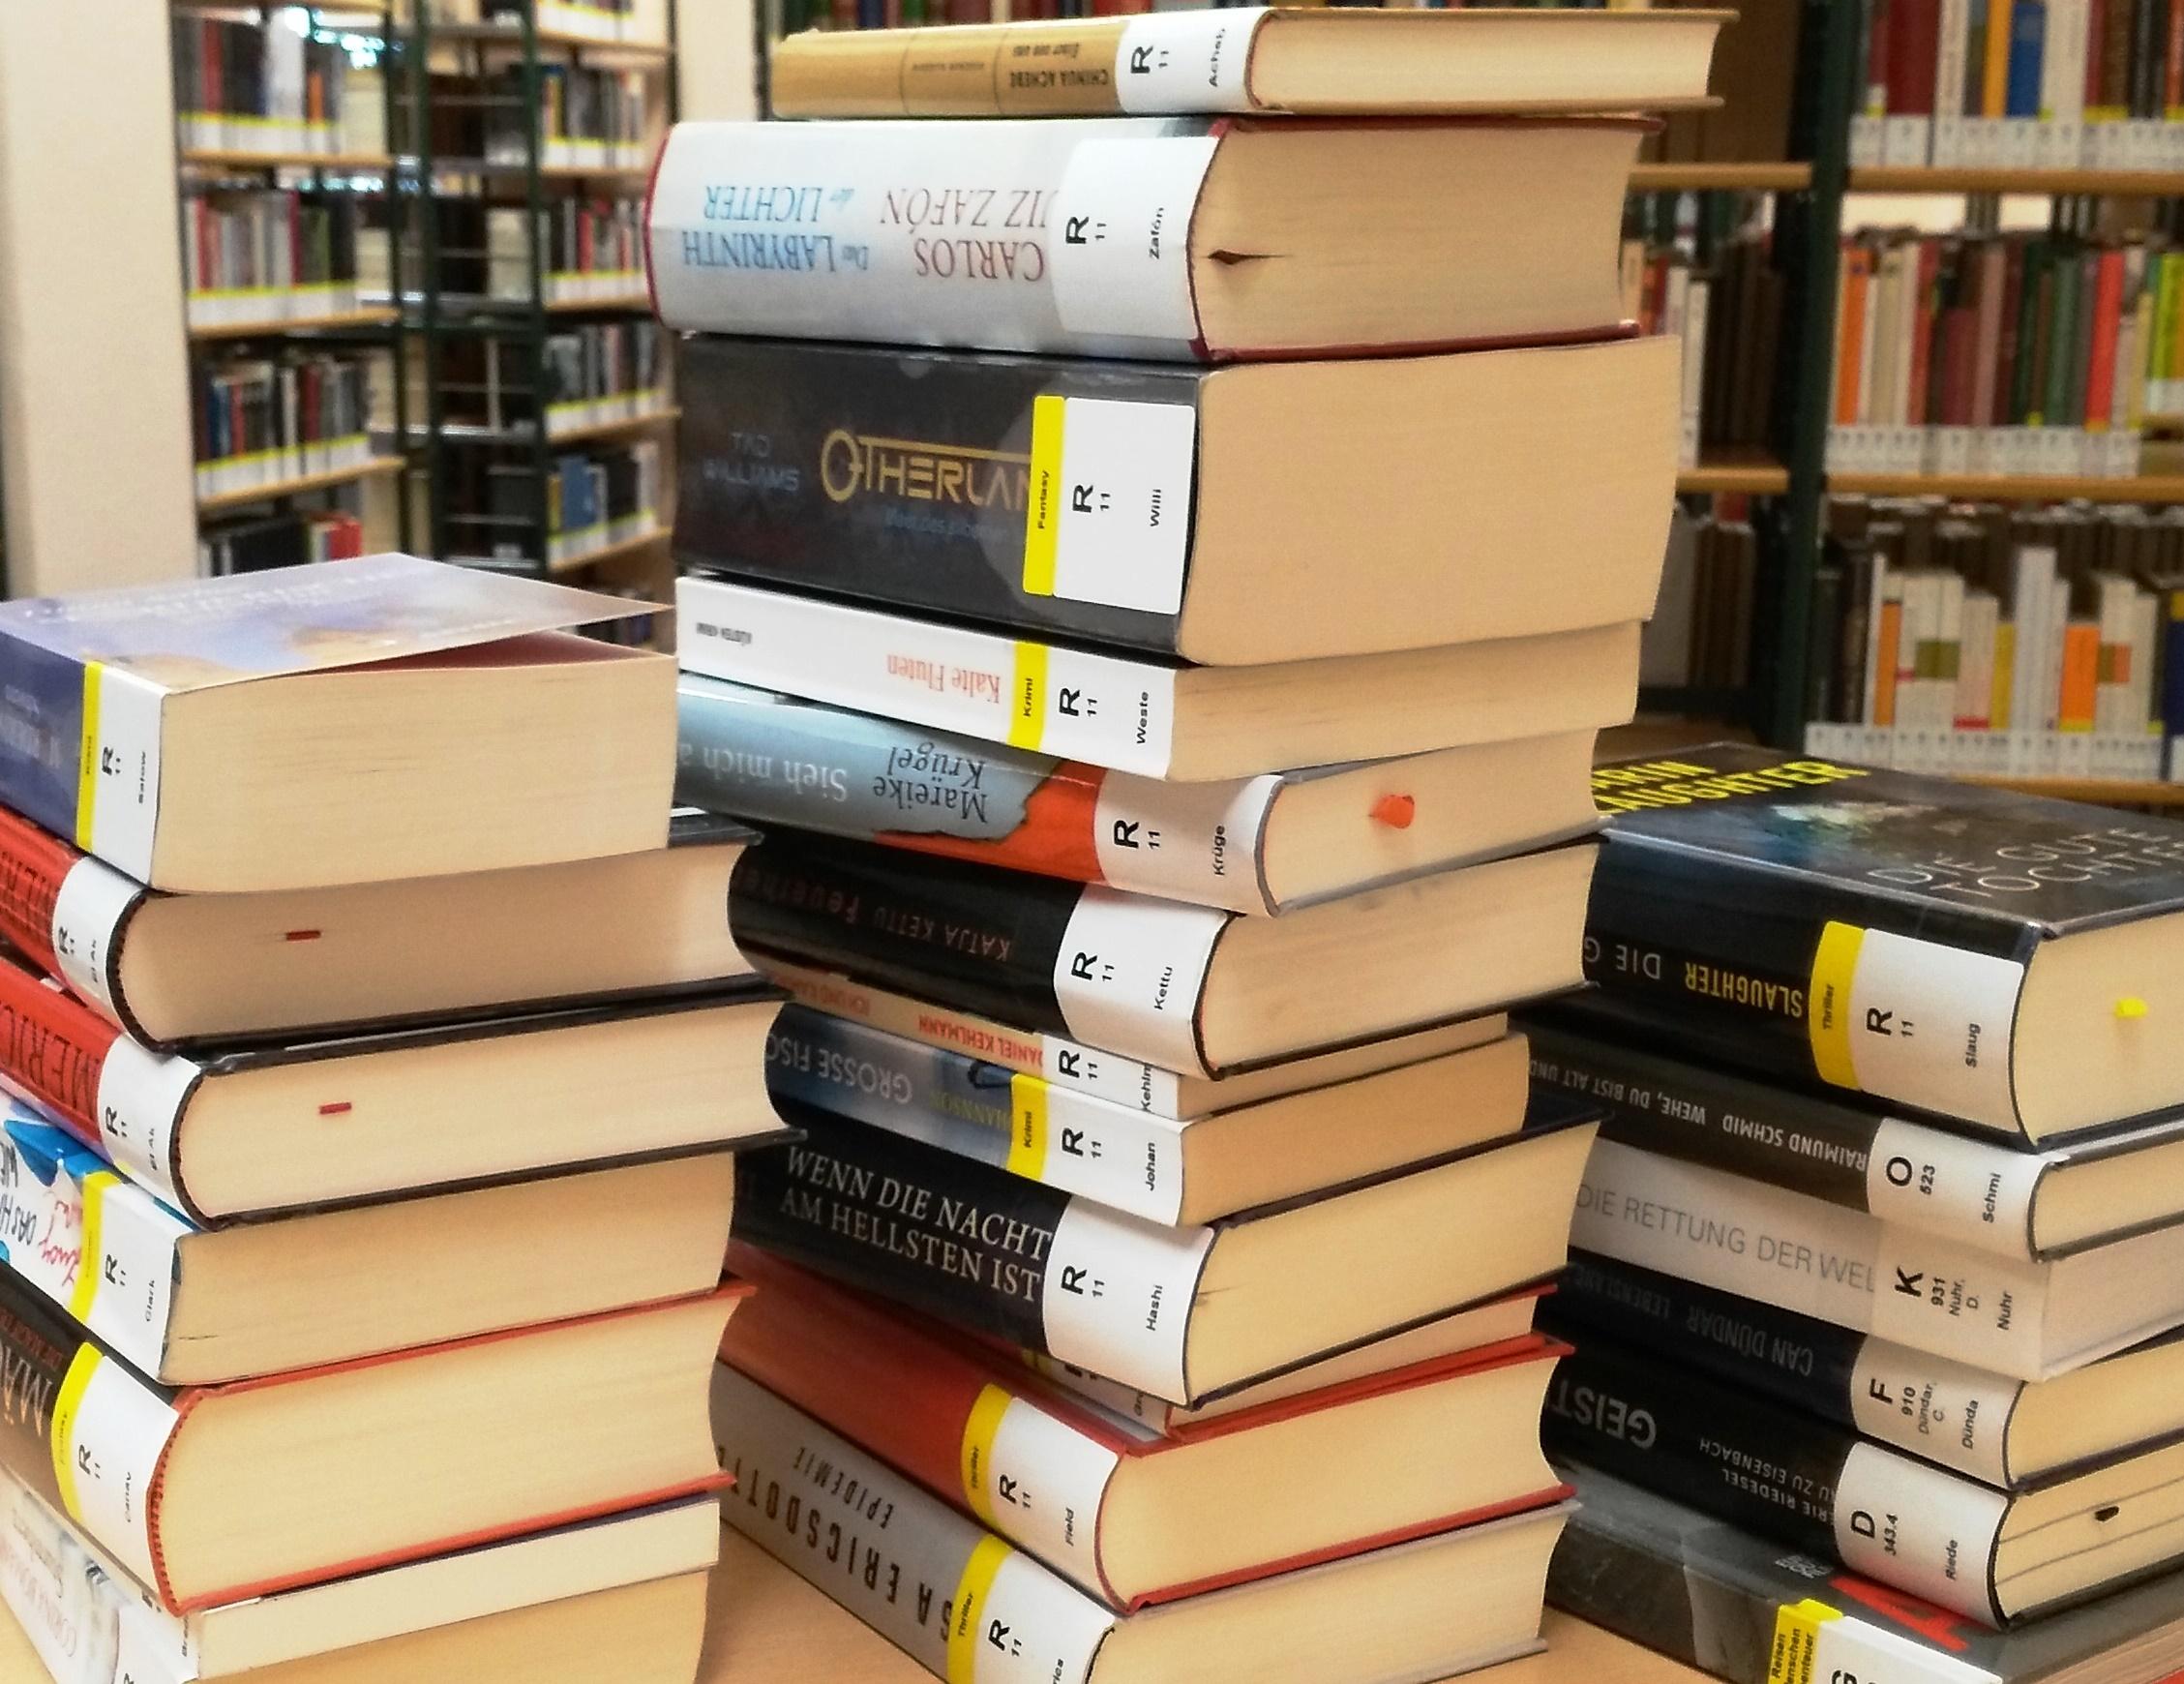 Stadtbibliothek Lütten Klein